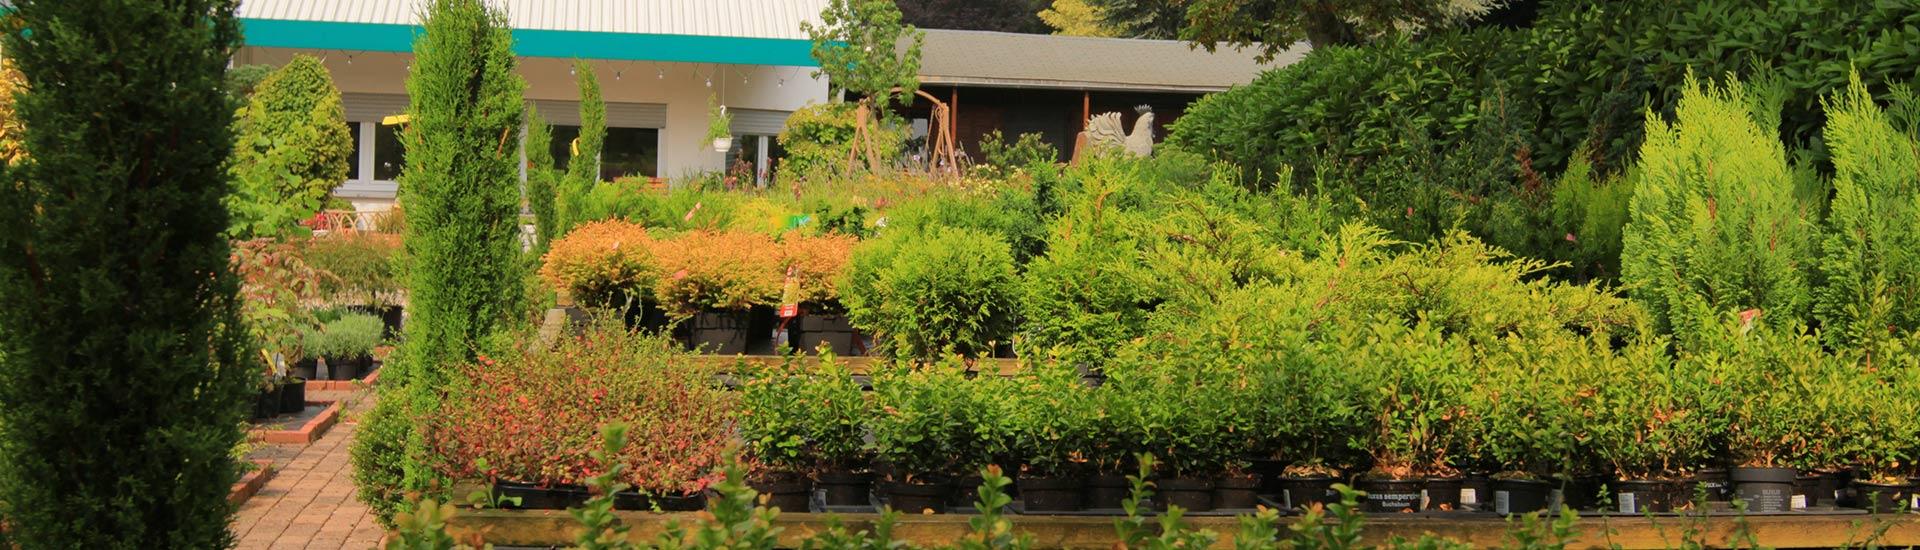 pflanzen-gockel-pflanzencenter-sauerland-005